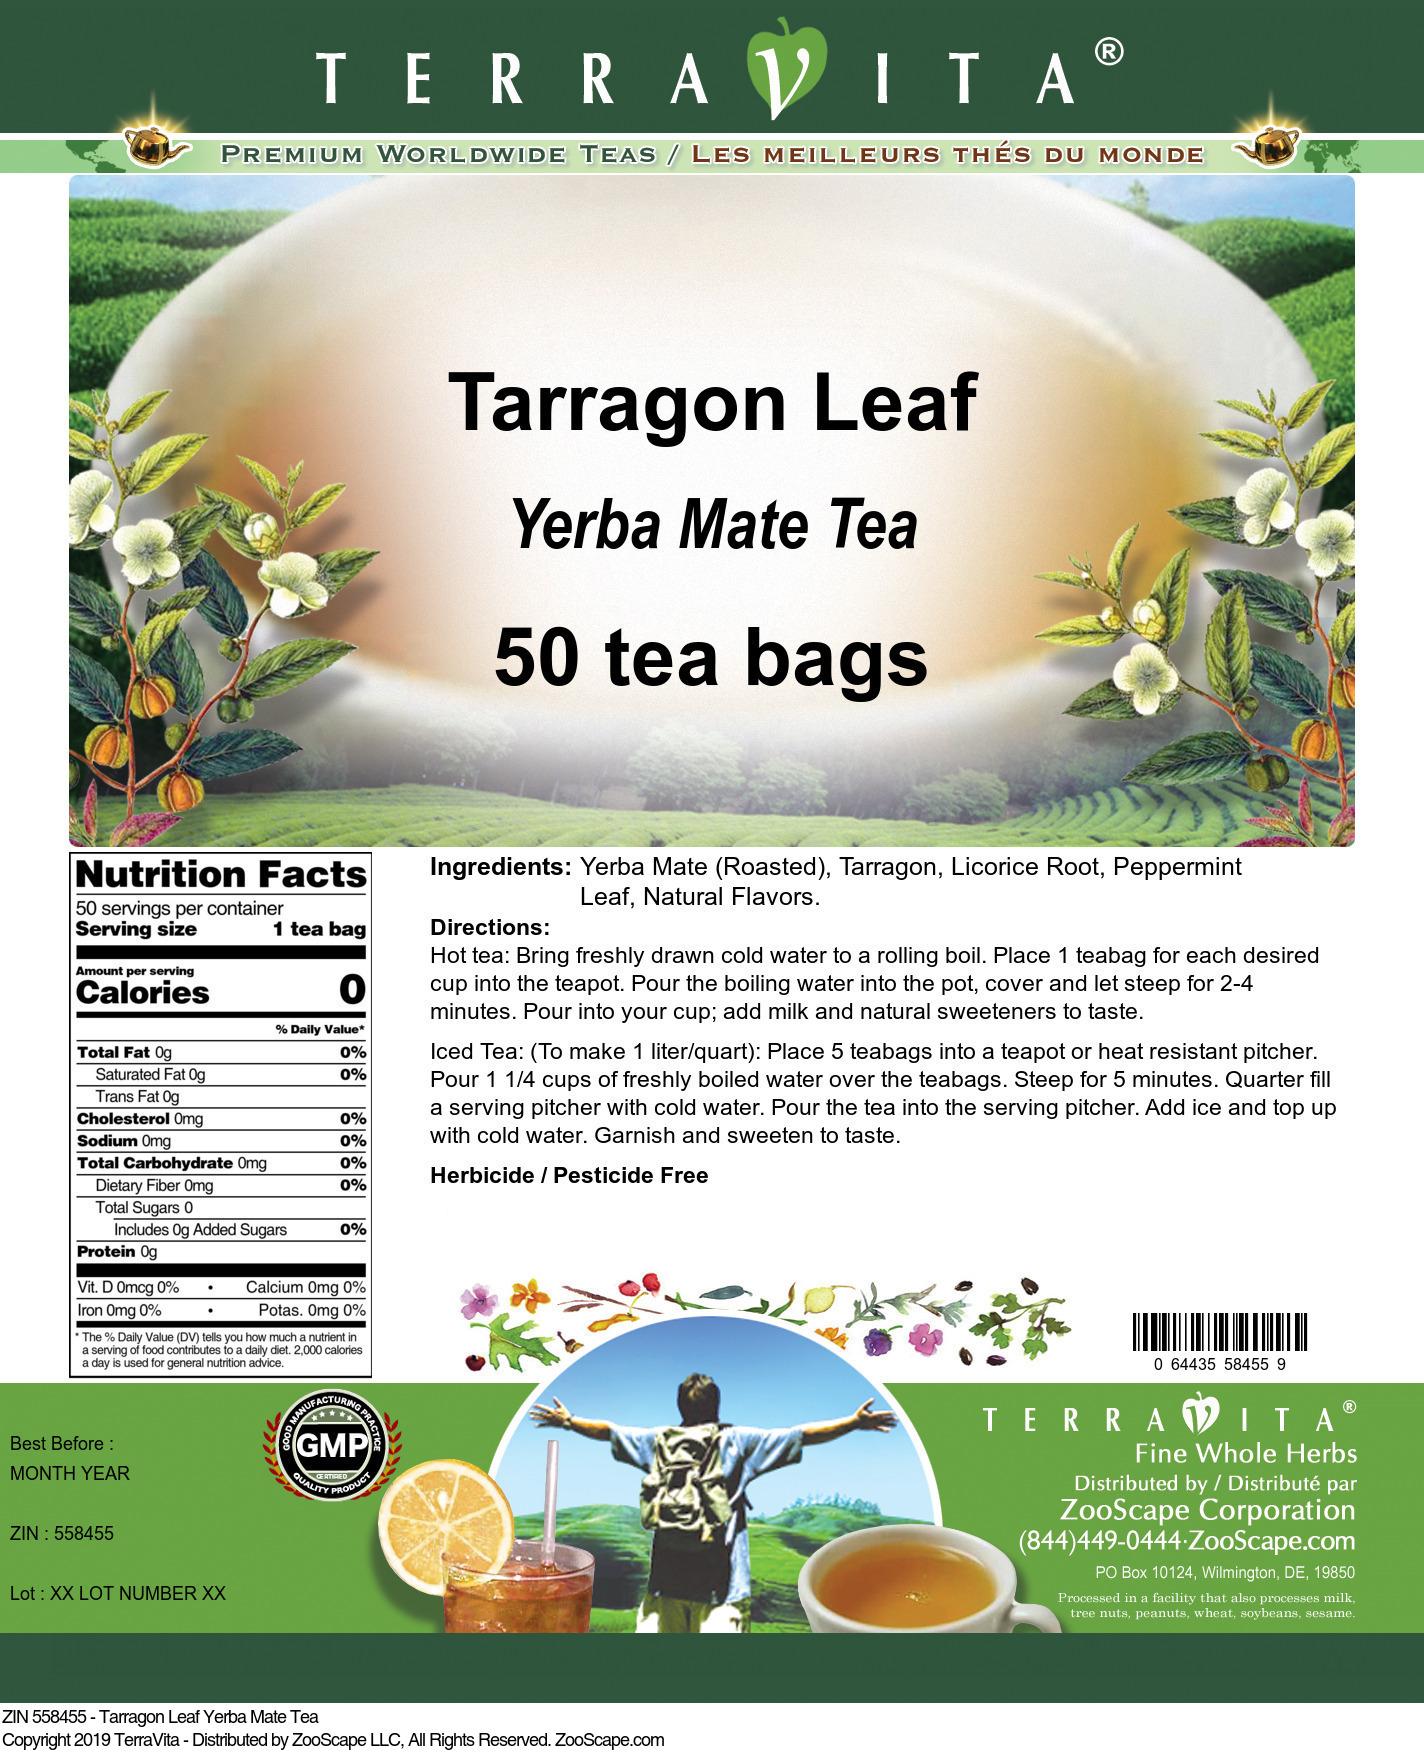 Tarragon Leaf Yerba Mate